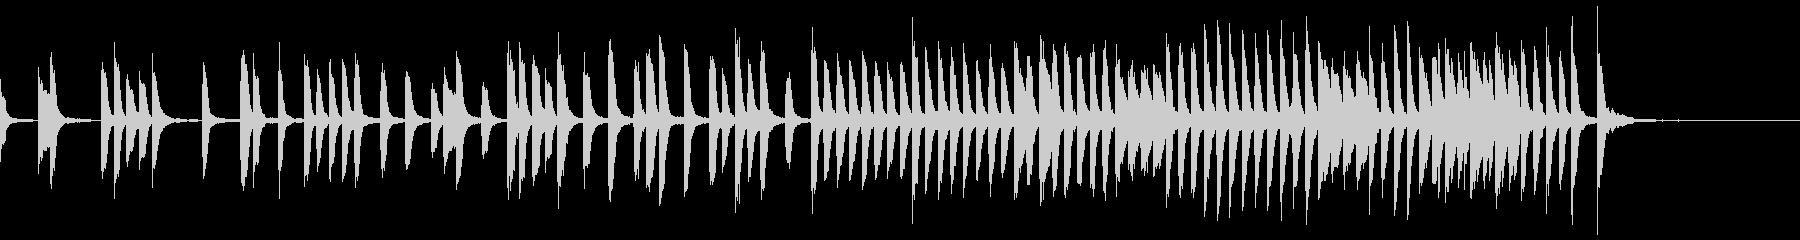 ちょっと切ない かわいいシンプルピアノ曲の未再生の波形